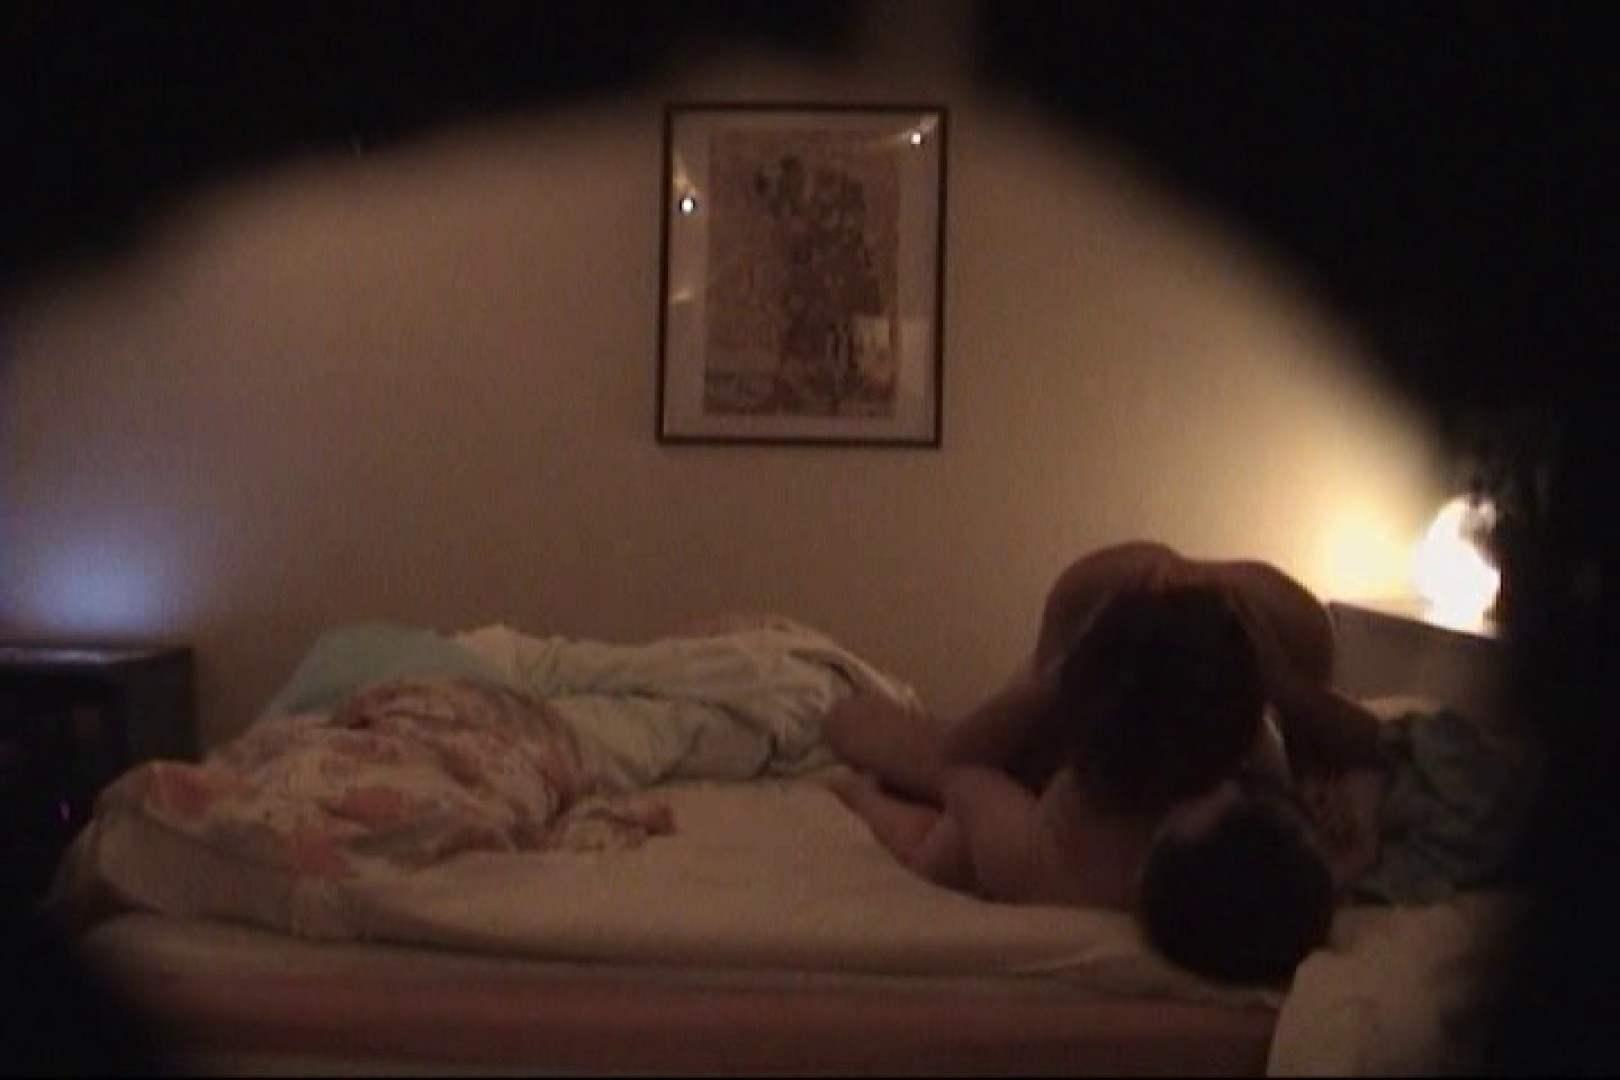 デリ嬢マル秘撮り本物投稿版④ ホテル  92連発 50